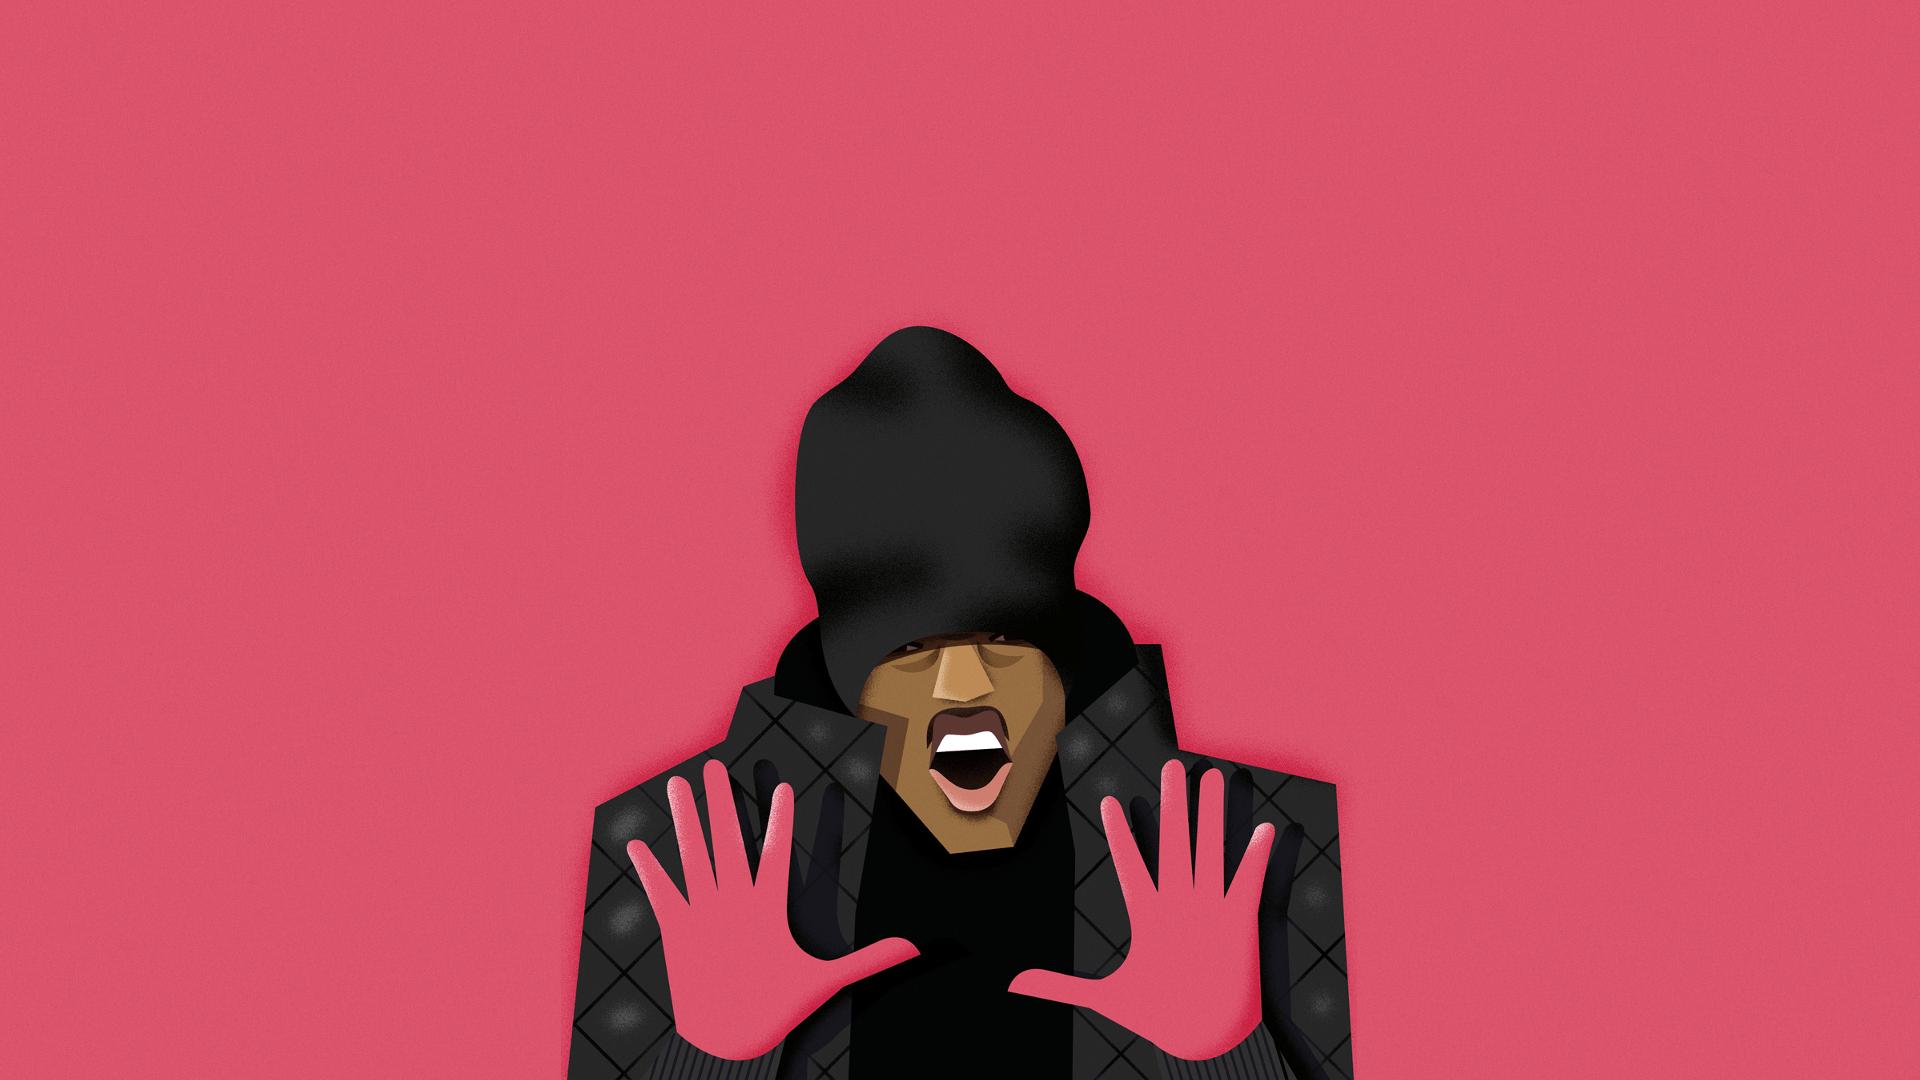 Future Wallpaper Hd Rapper: Cartoon Rapper Wallpapers